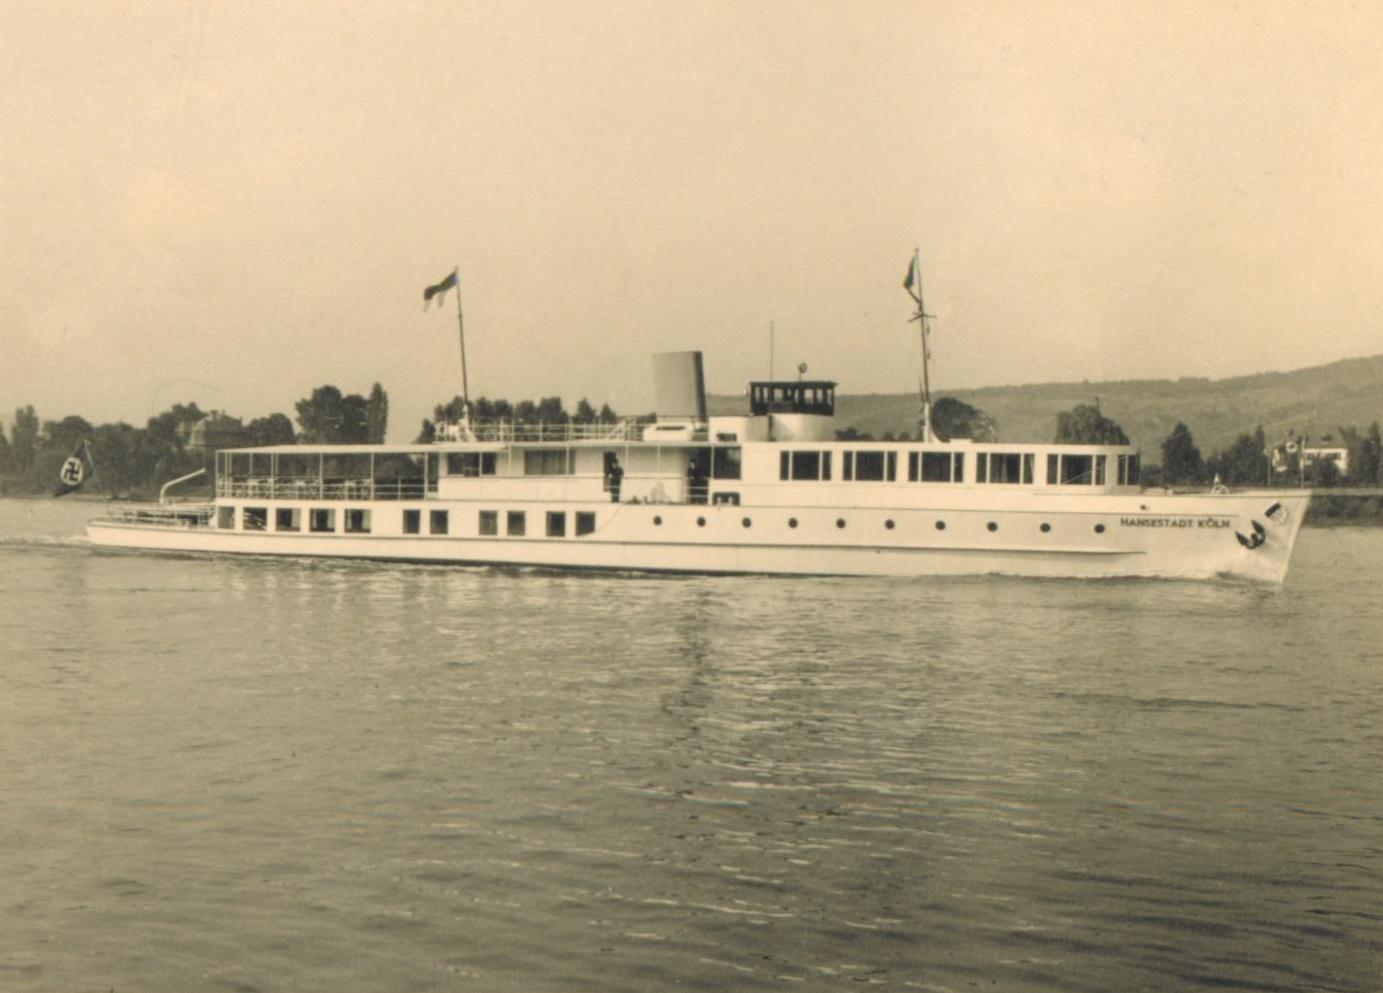 Das Rheinschiff Hansestadt Köln im Jahre 1938